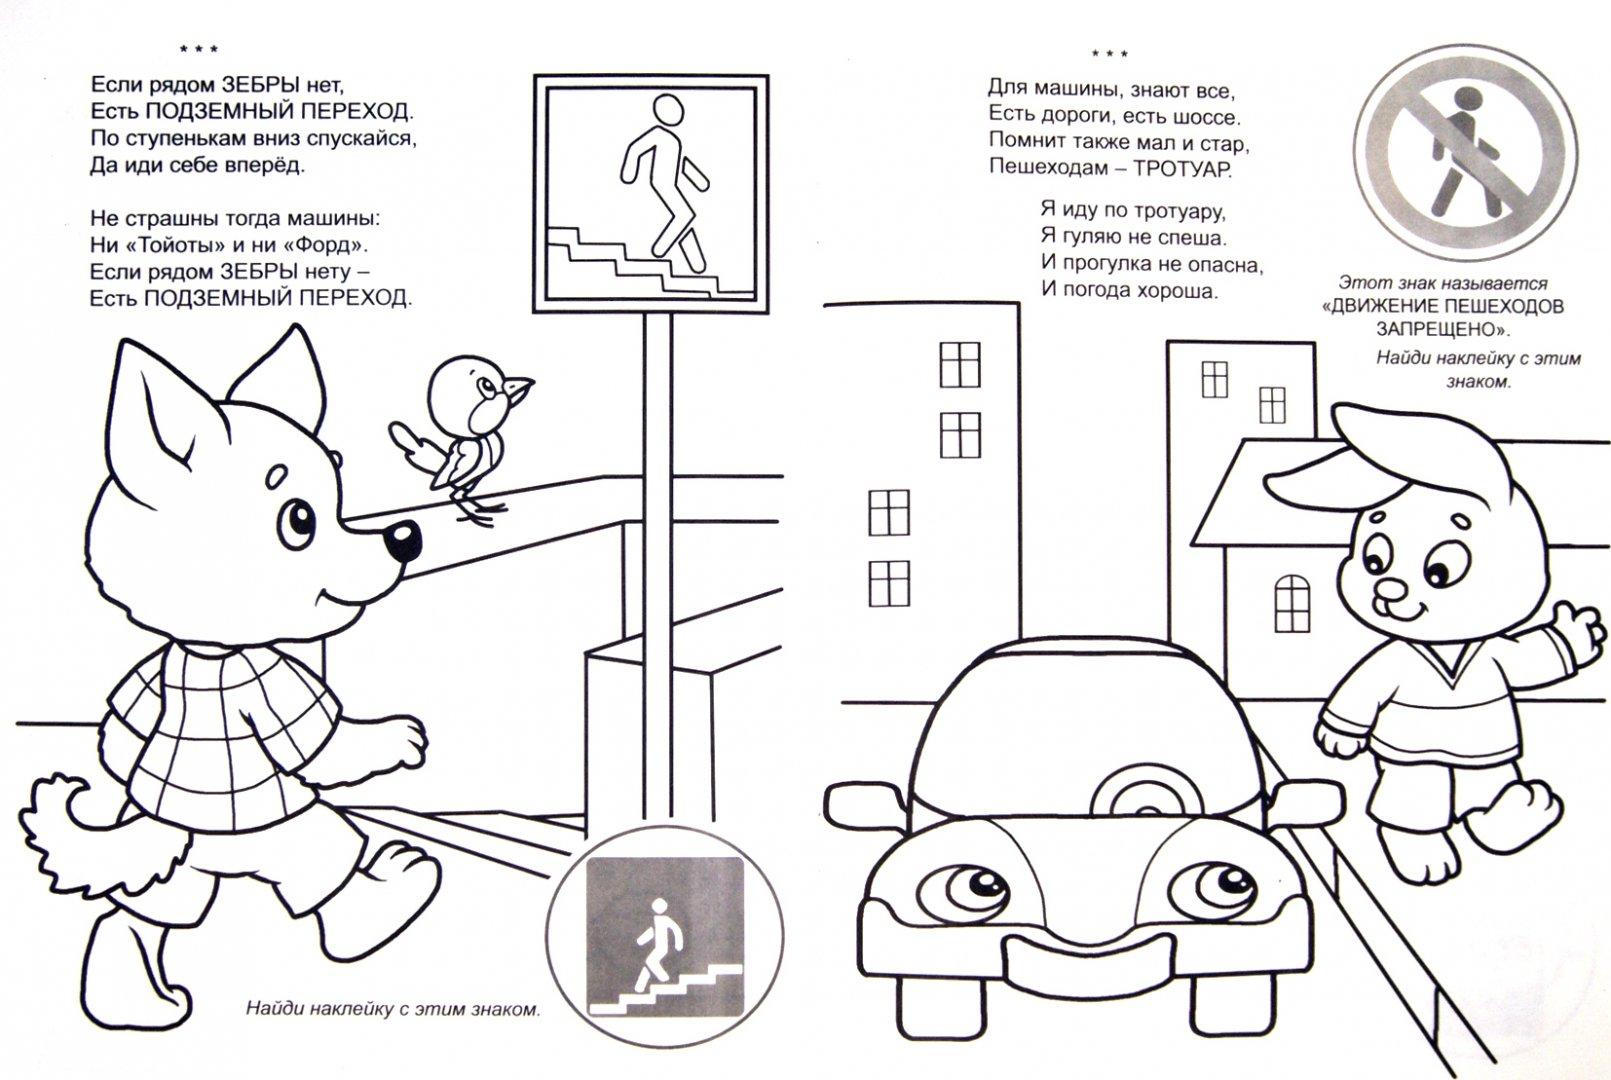 Безопасность для детей детского сада картинки раскраски